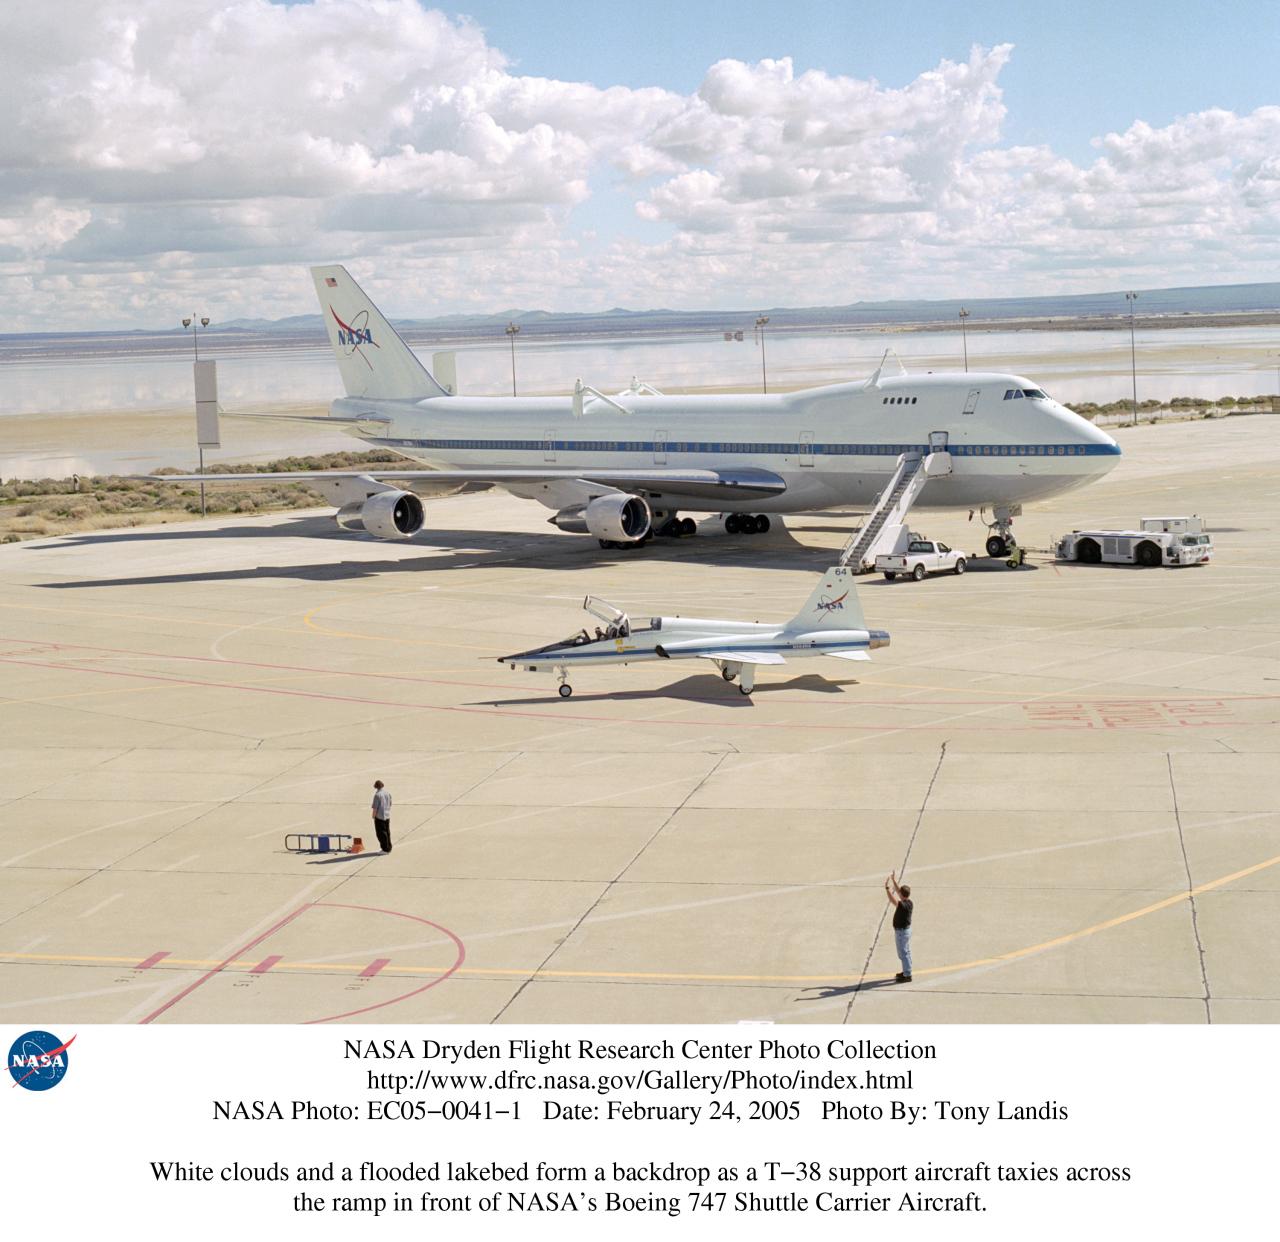 NASA Dryden T-38 Photo Collection